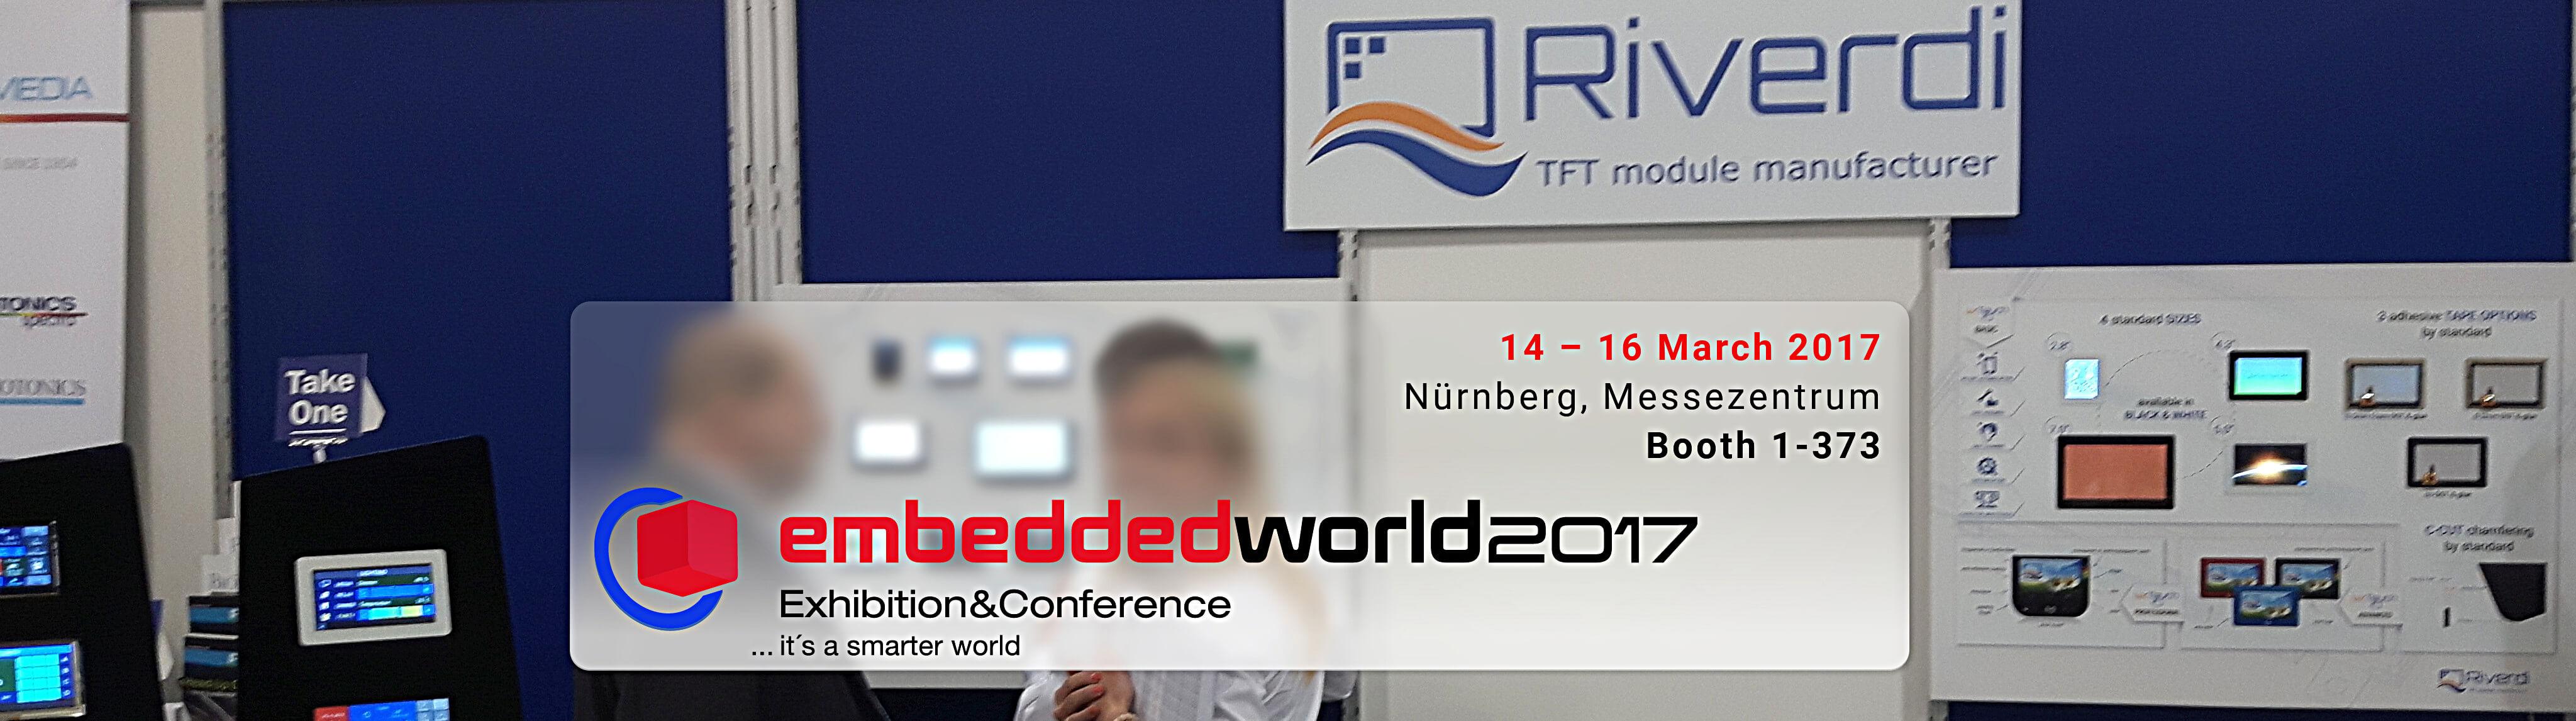 embedded2017_